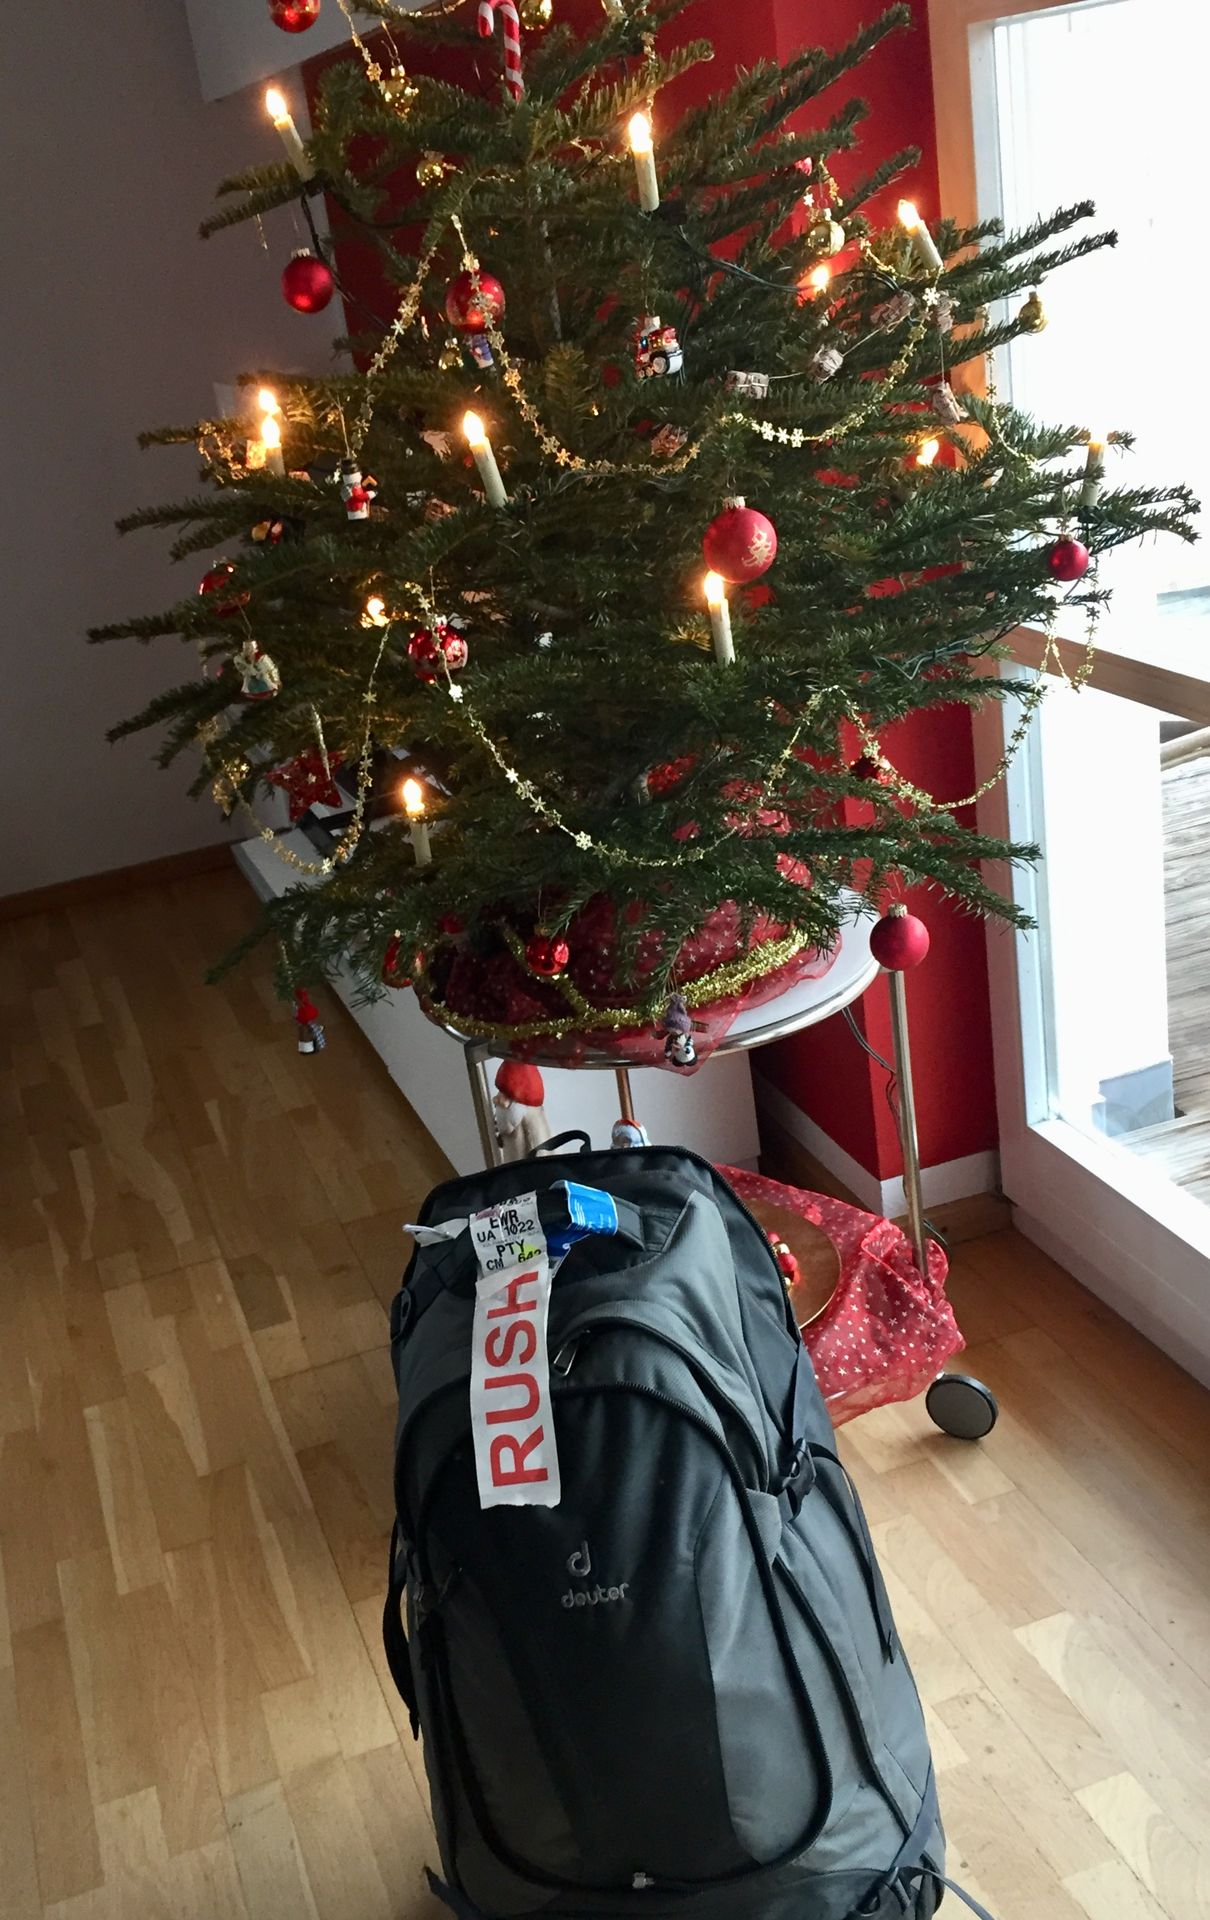 Der Letzte Weihnachtsbaum.Adiós Colombia Schön War S Das Letzte Gepäck Unter M